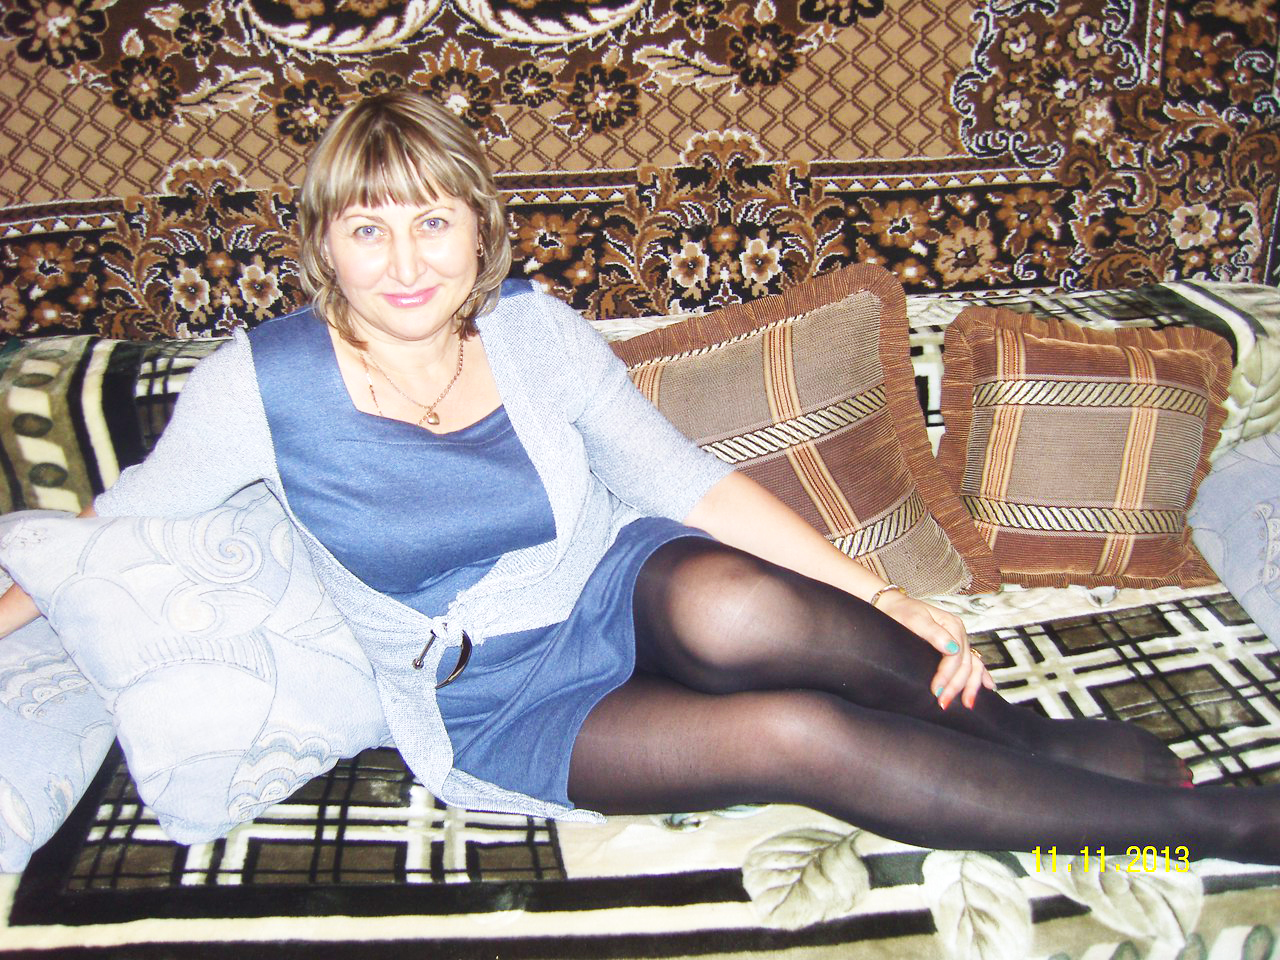 Сайты зрелых мам фото, Порно фото мам, зрелых женщин 13 фотография